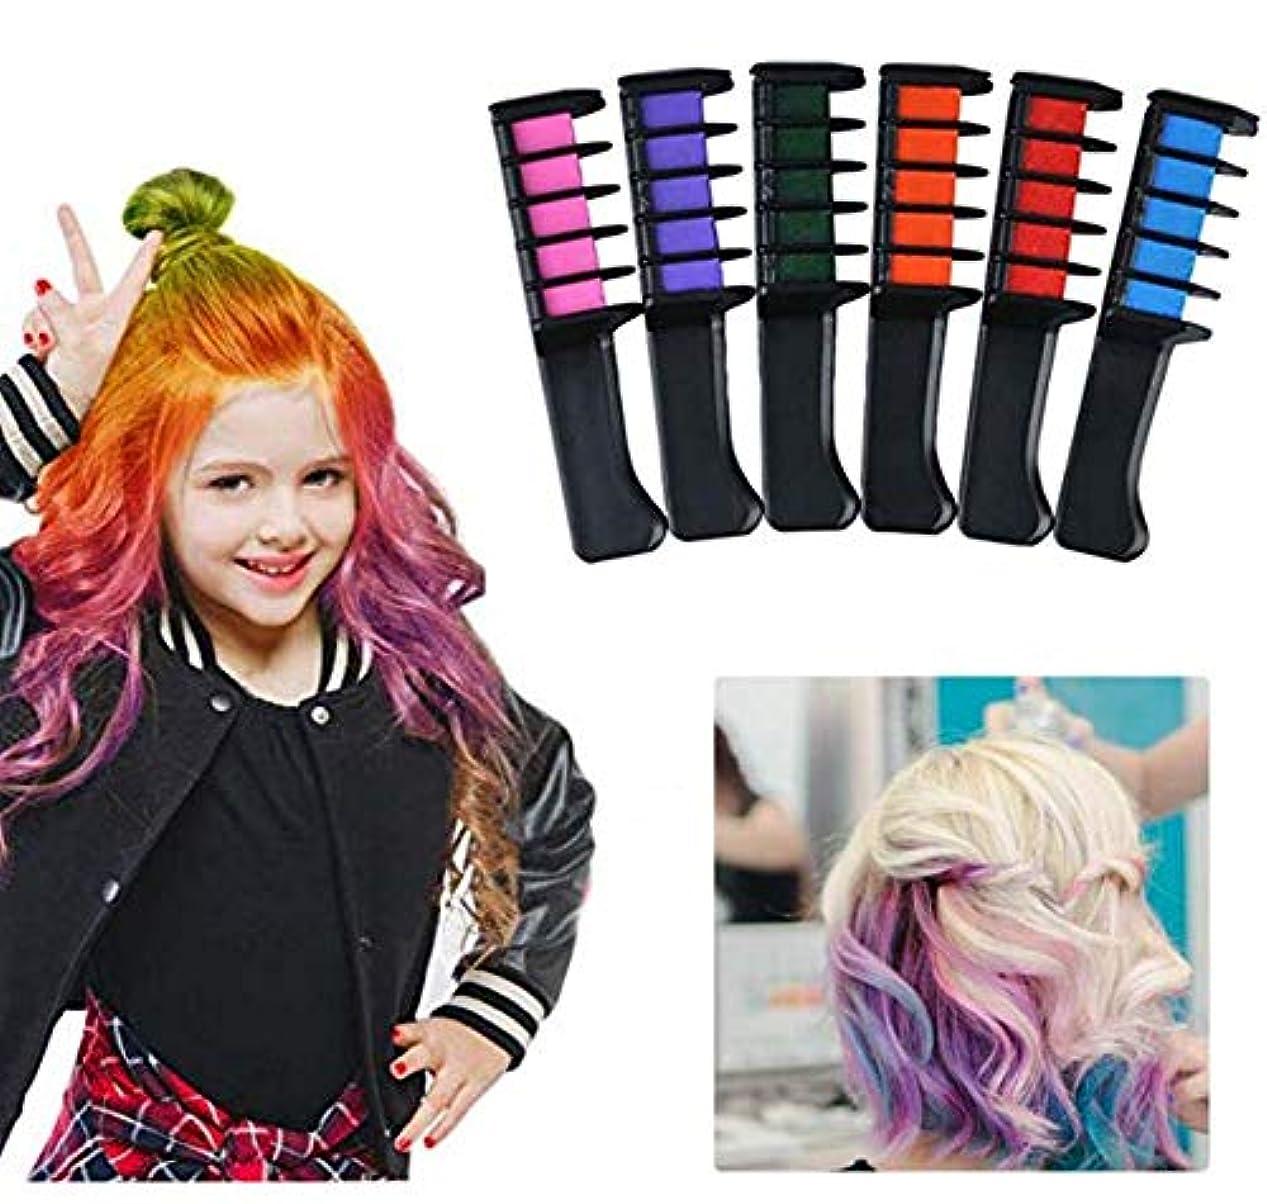 肺人種失子供のための安全な非有毒な一時的な髪のチョークの櫛6色髪の色の櫛髪のチョークの櫛、女の子、パーティー、コスプレ